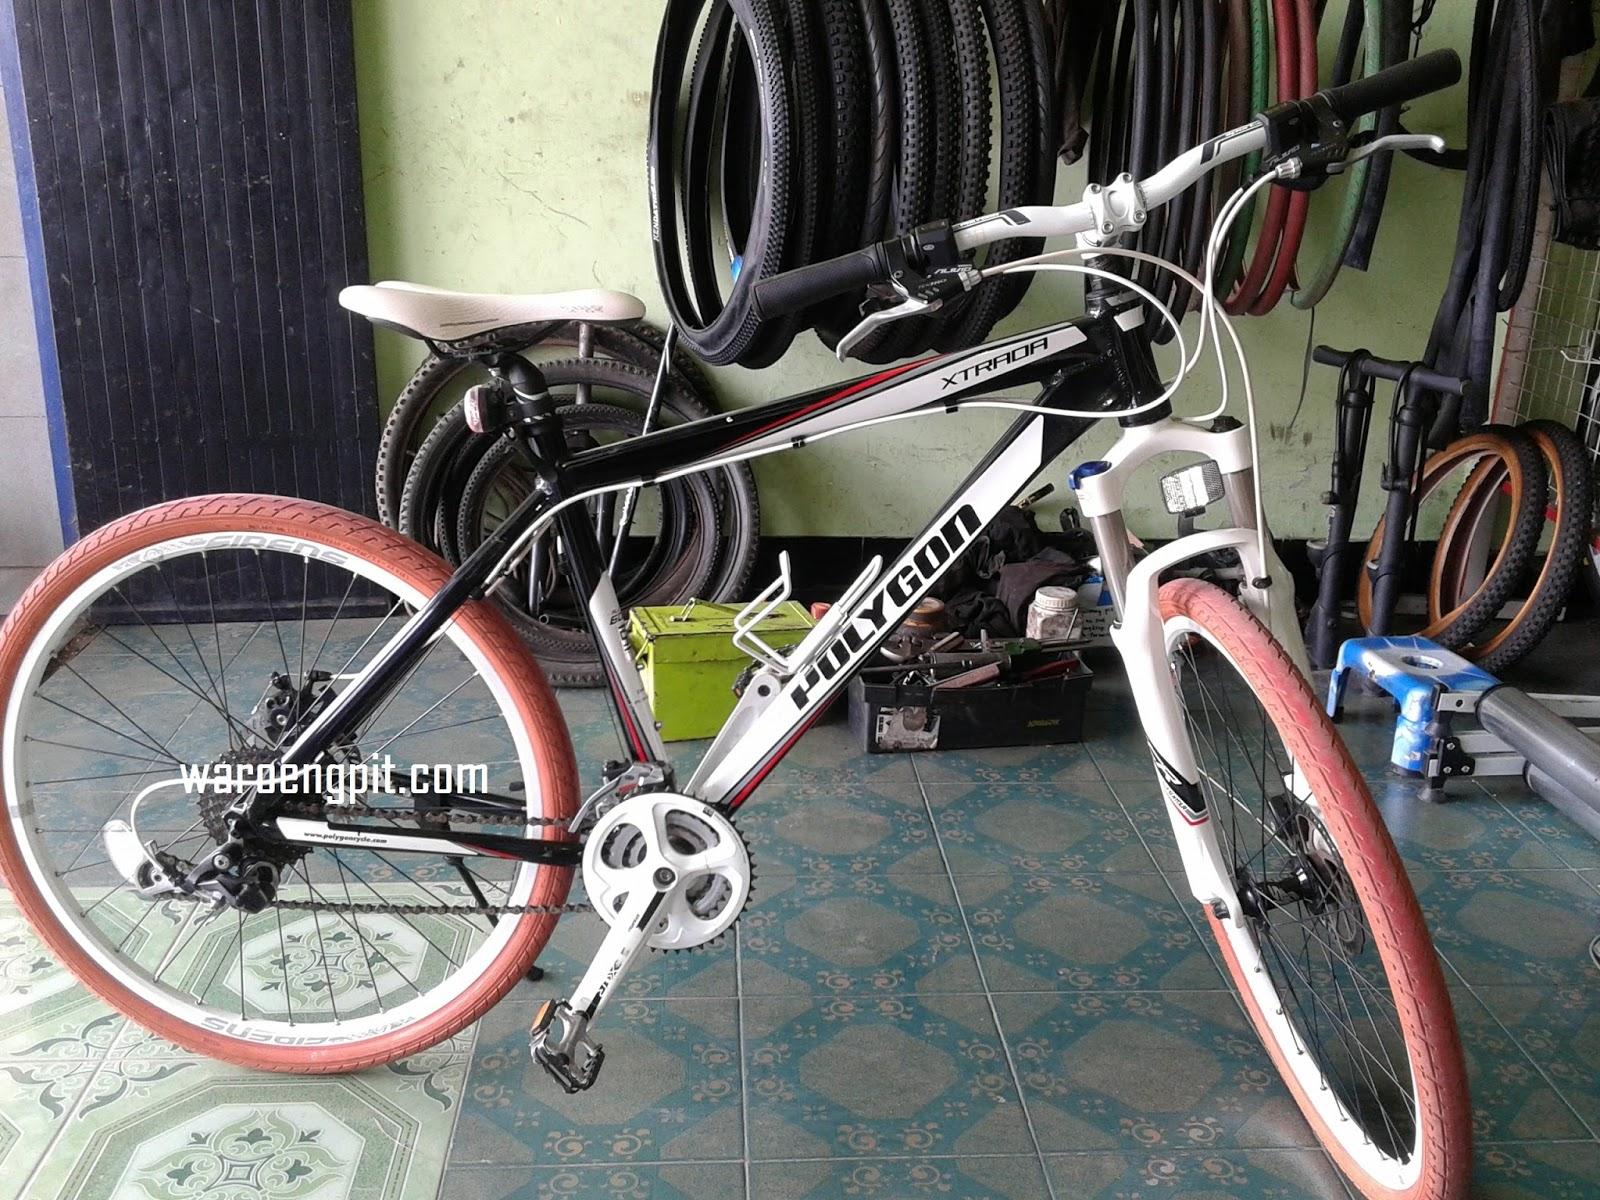 Jual Sepeda Bekas Hardtail Polygon XTRADA 5.0 tahun 2012